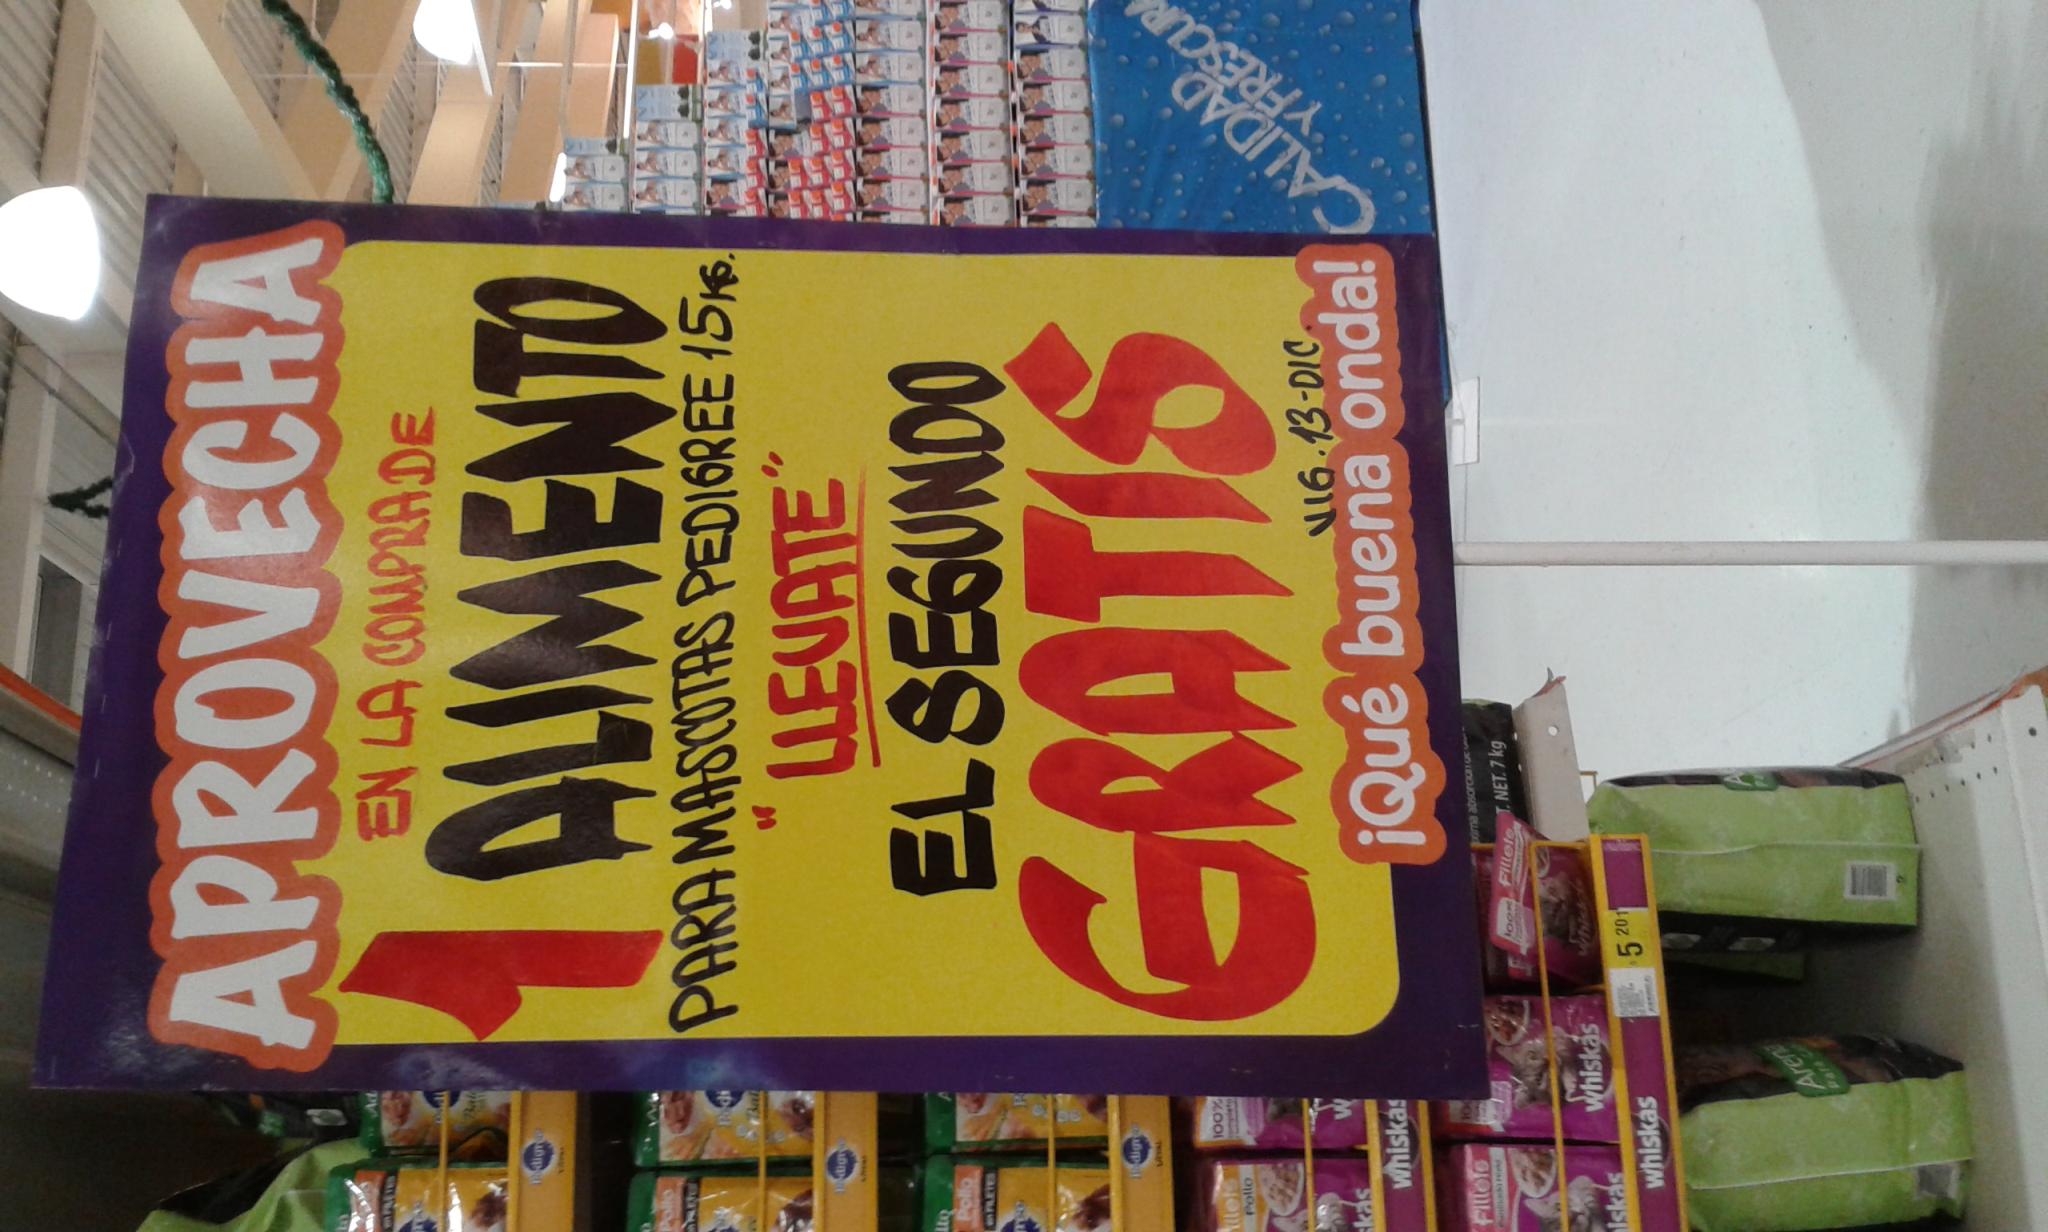 Mega Comercial Mexicana,  En la compra de 1 bolsa de 15kg de Pedigree gratis el segundo